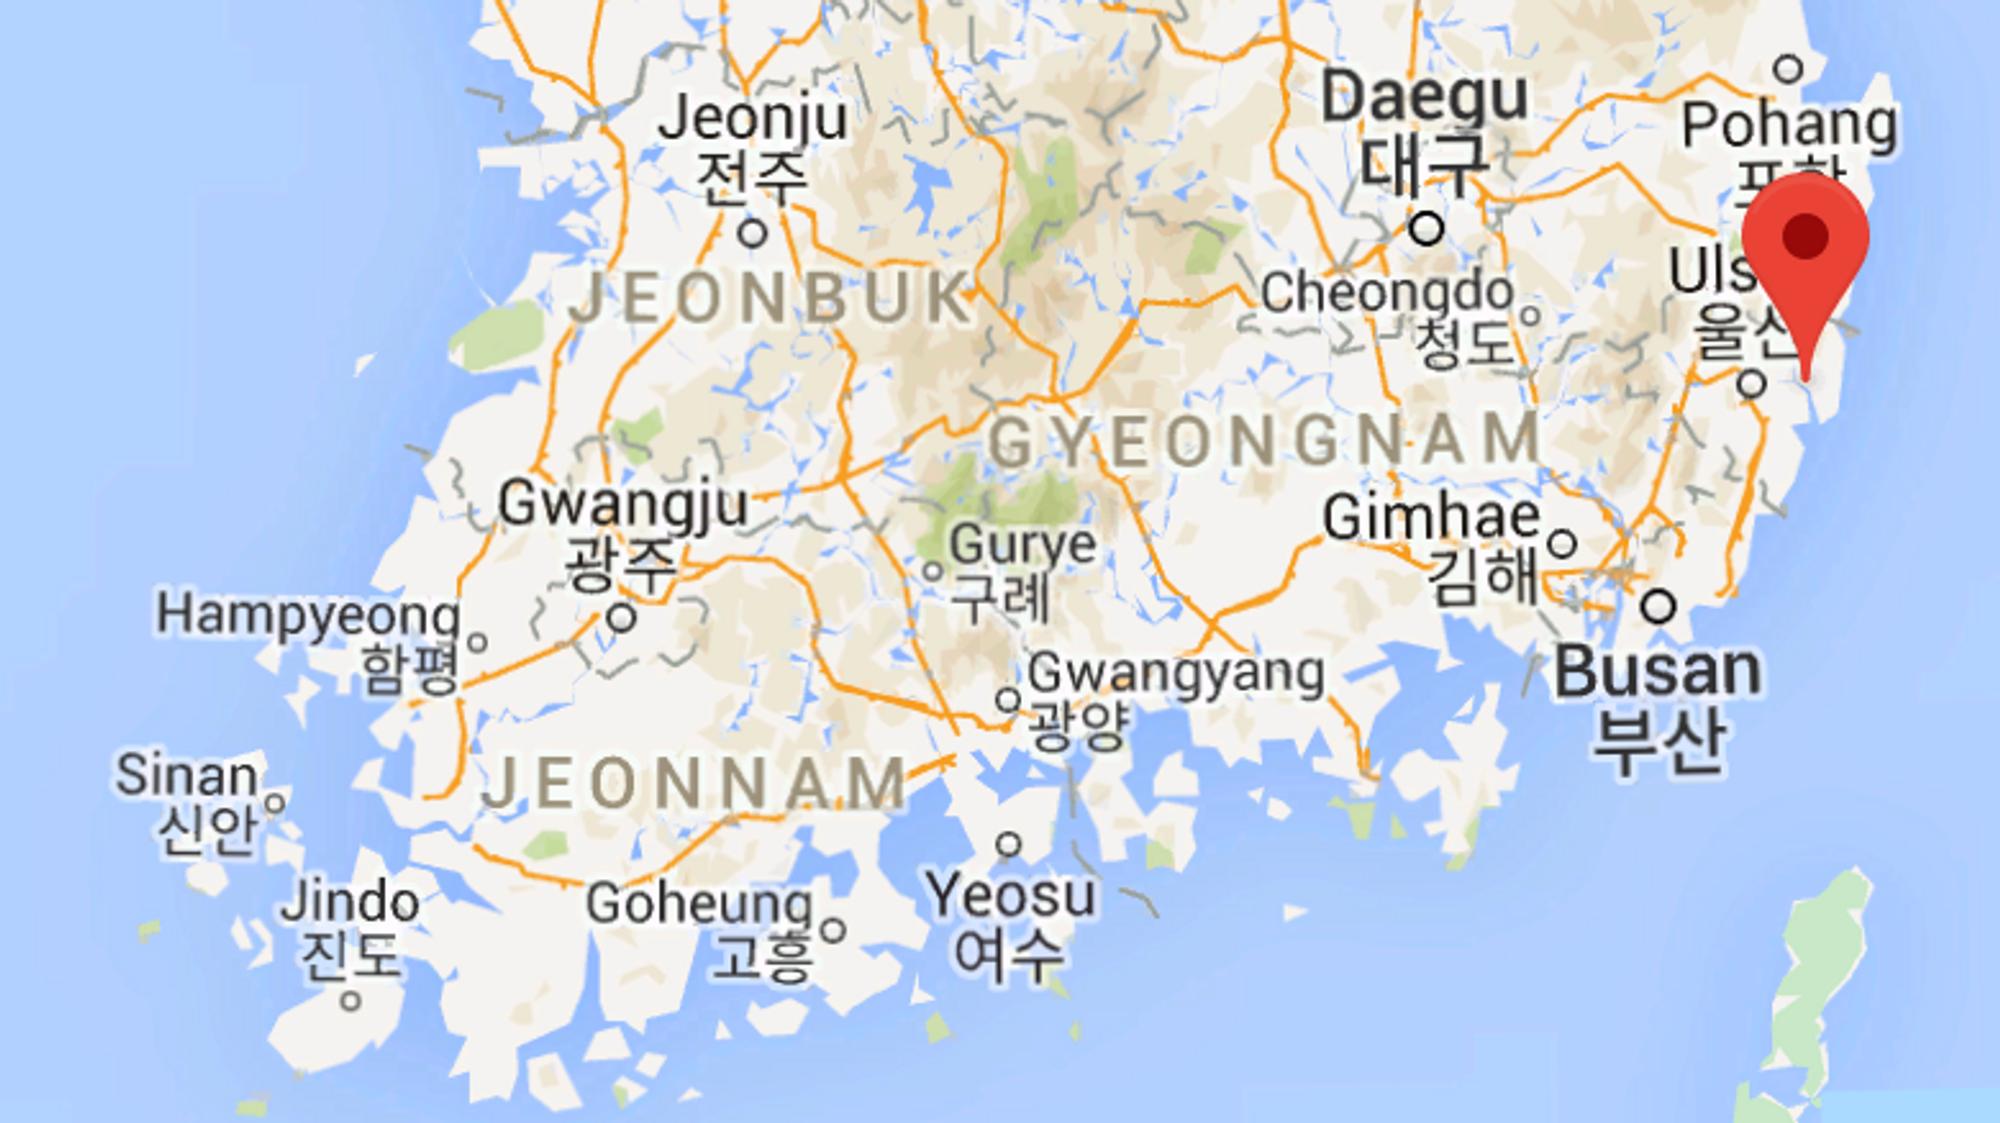 Det norskeide oljetankskipet «Stolt Groenland» lå til kai i den sørkoreanske havnebyen sørøst i Sør-Korea da eksplosjonen skjedde klokken 11 på formiddagen lokal tid.